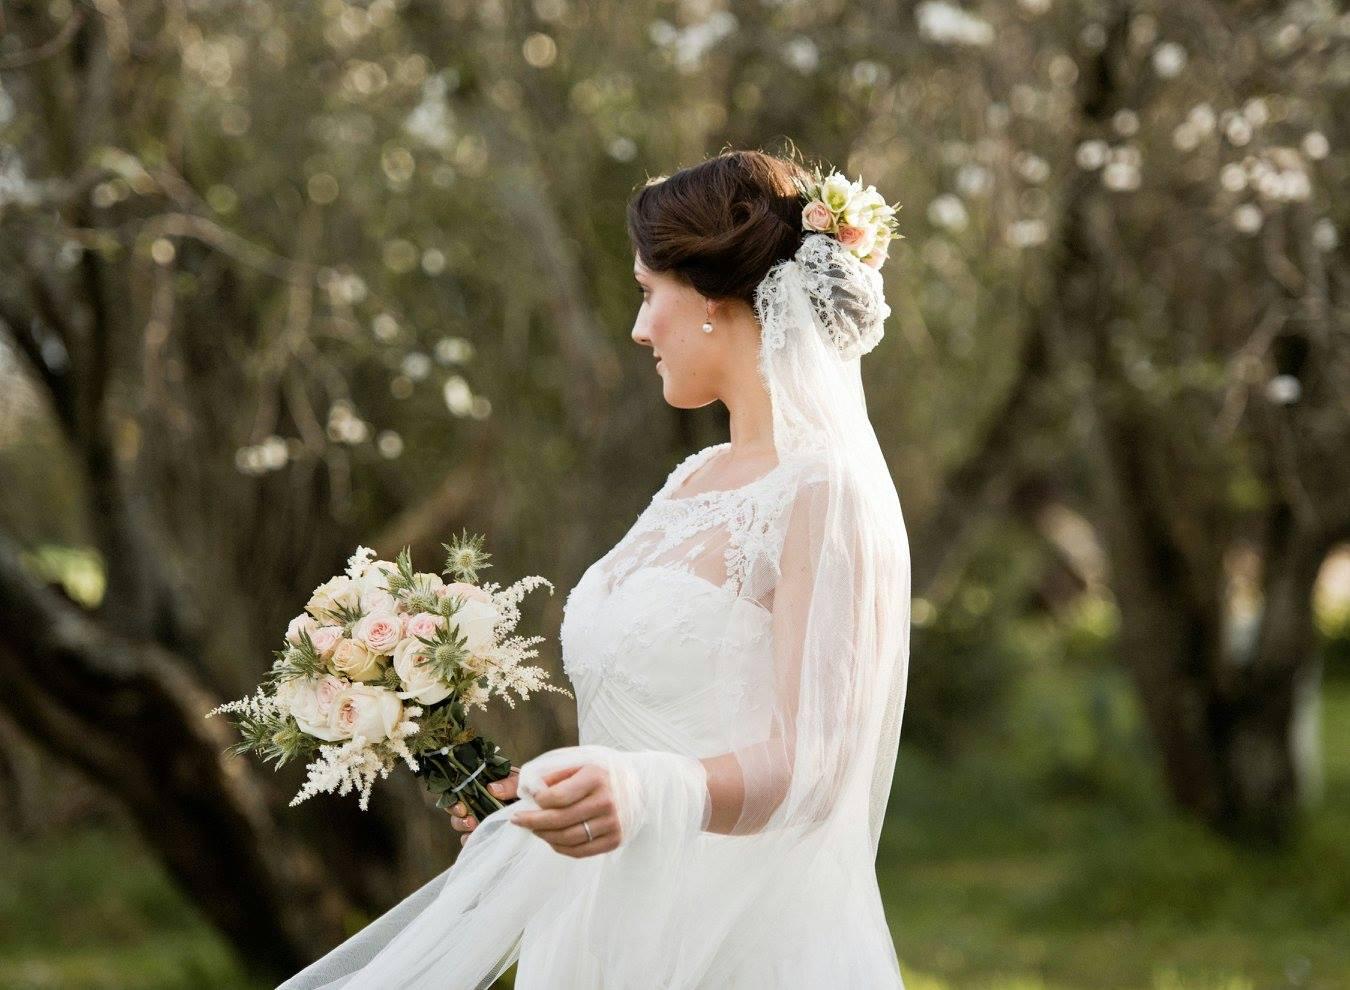 Bride holding pastel bouquet by Floraluce